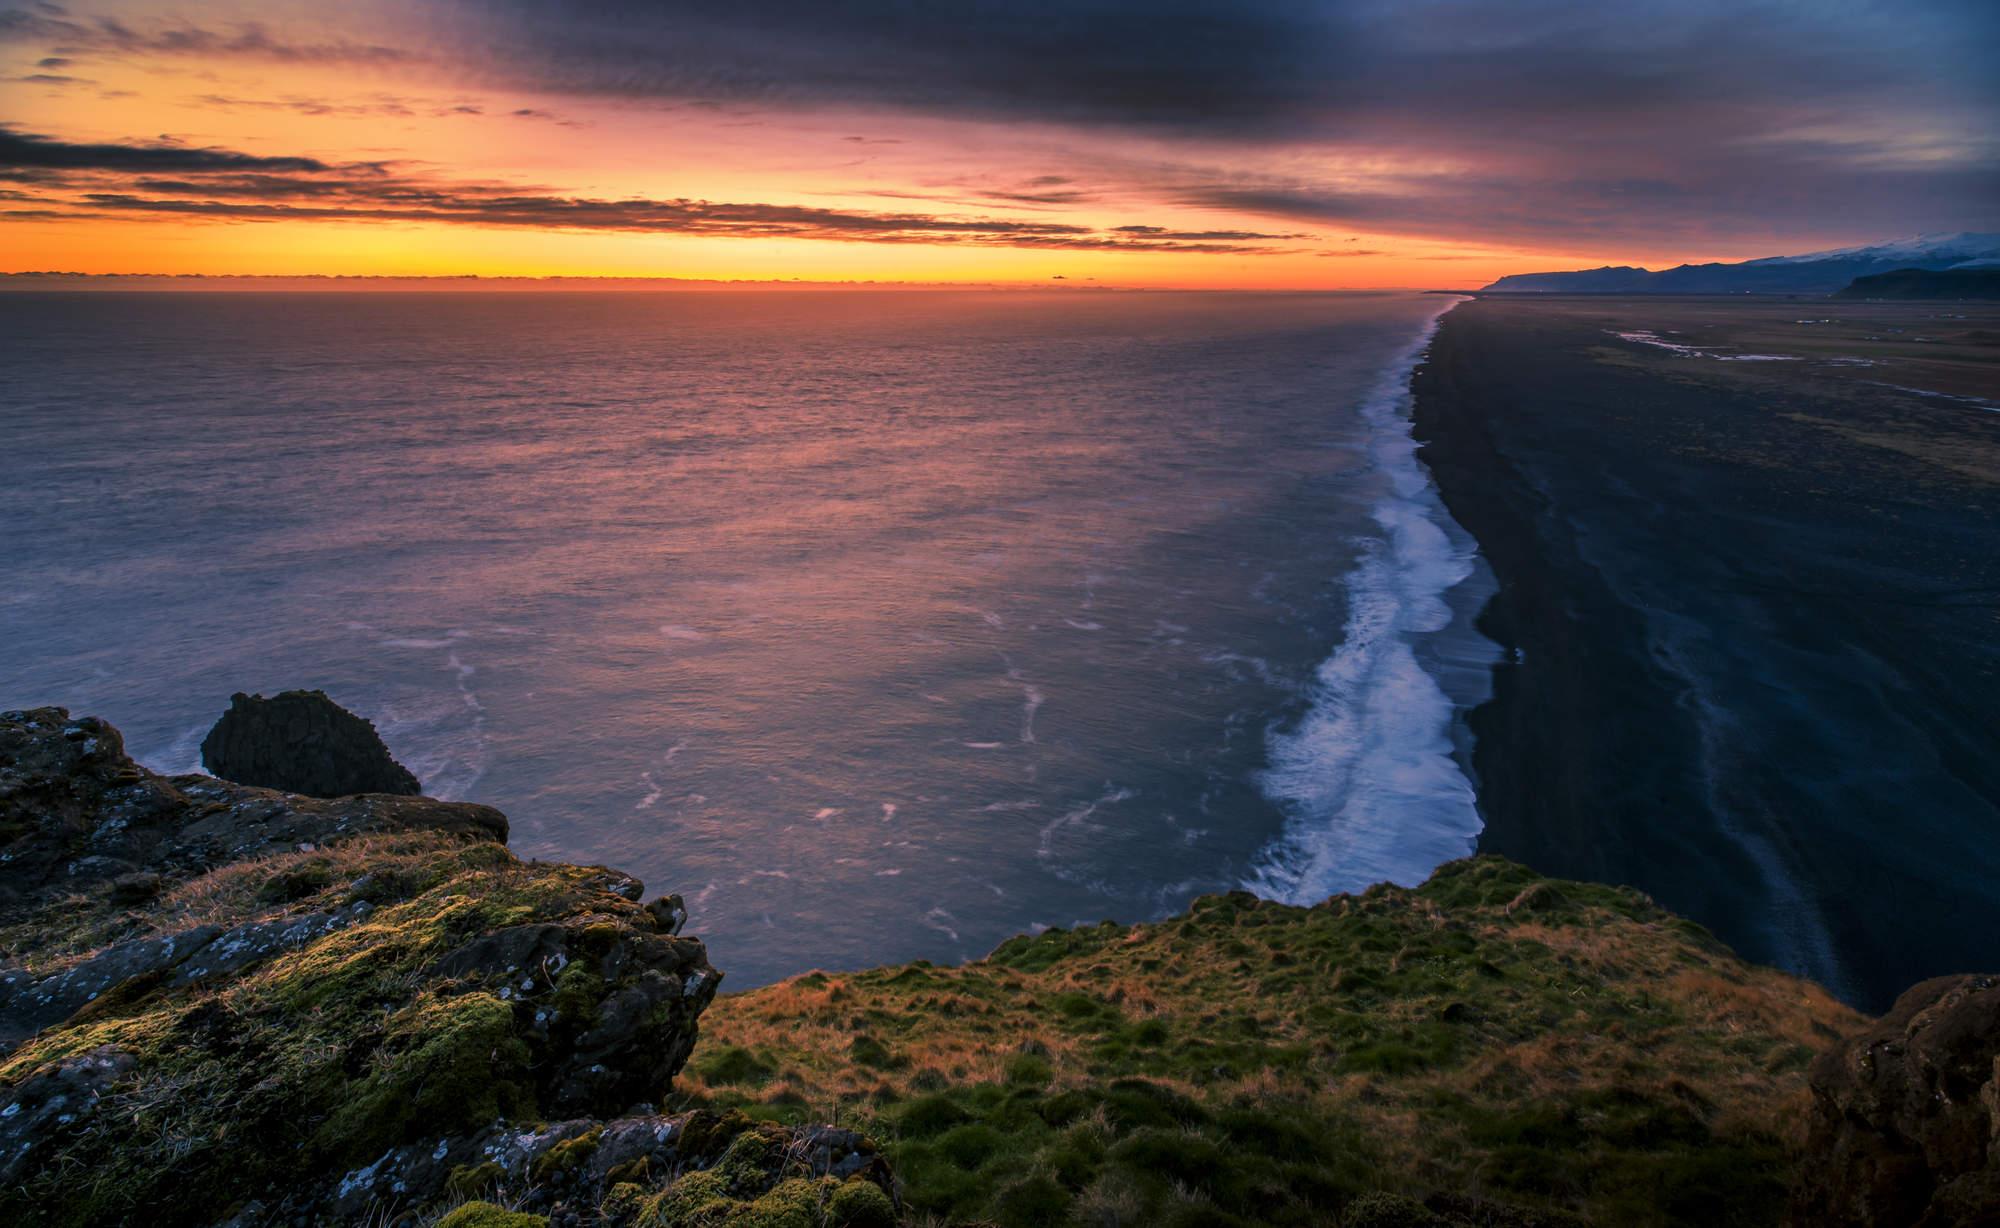 stock-photo-dyrholaey-lighthouse-iceland